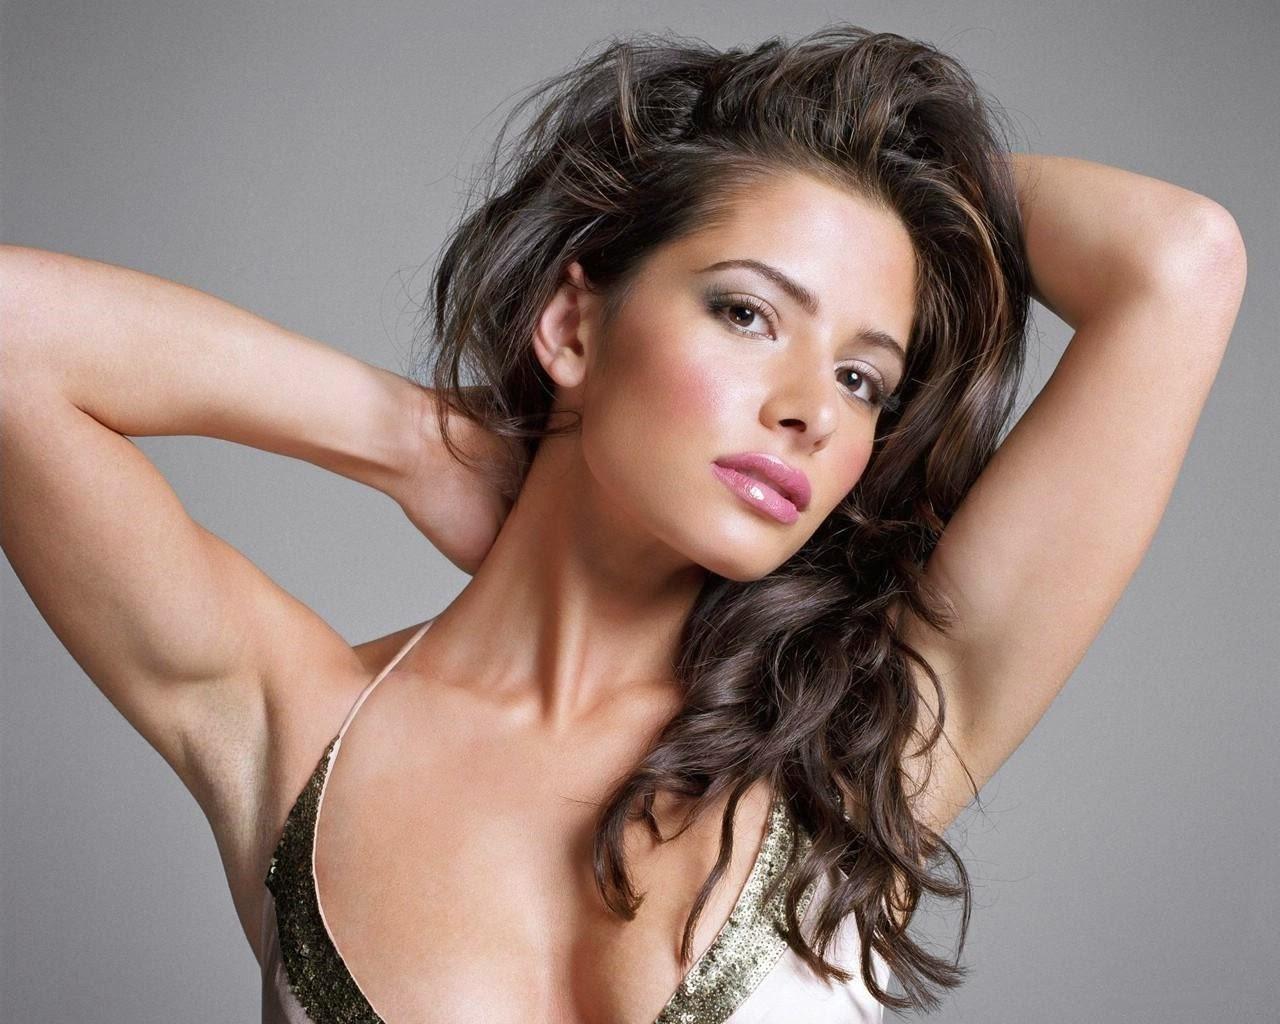 Actresses nude selfi